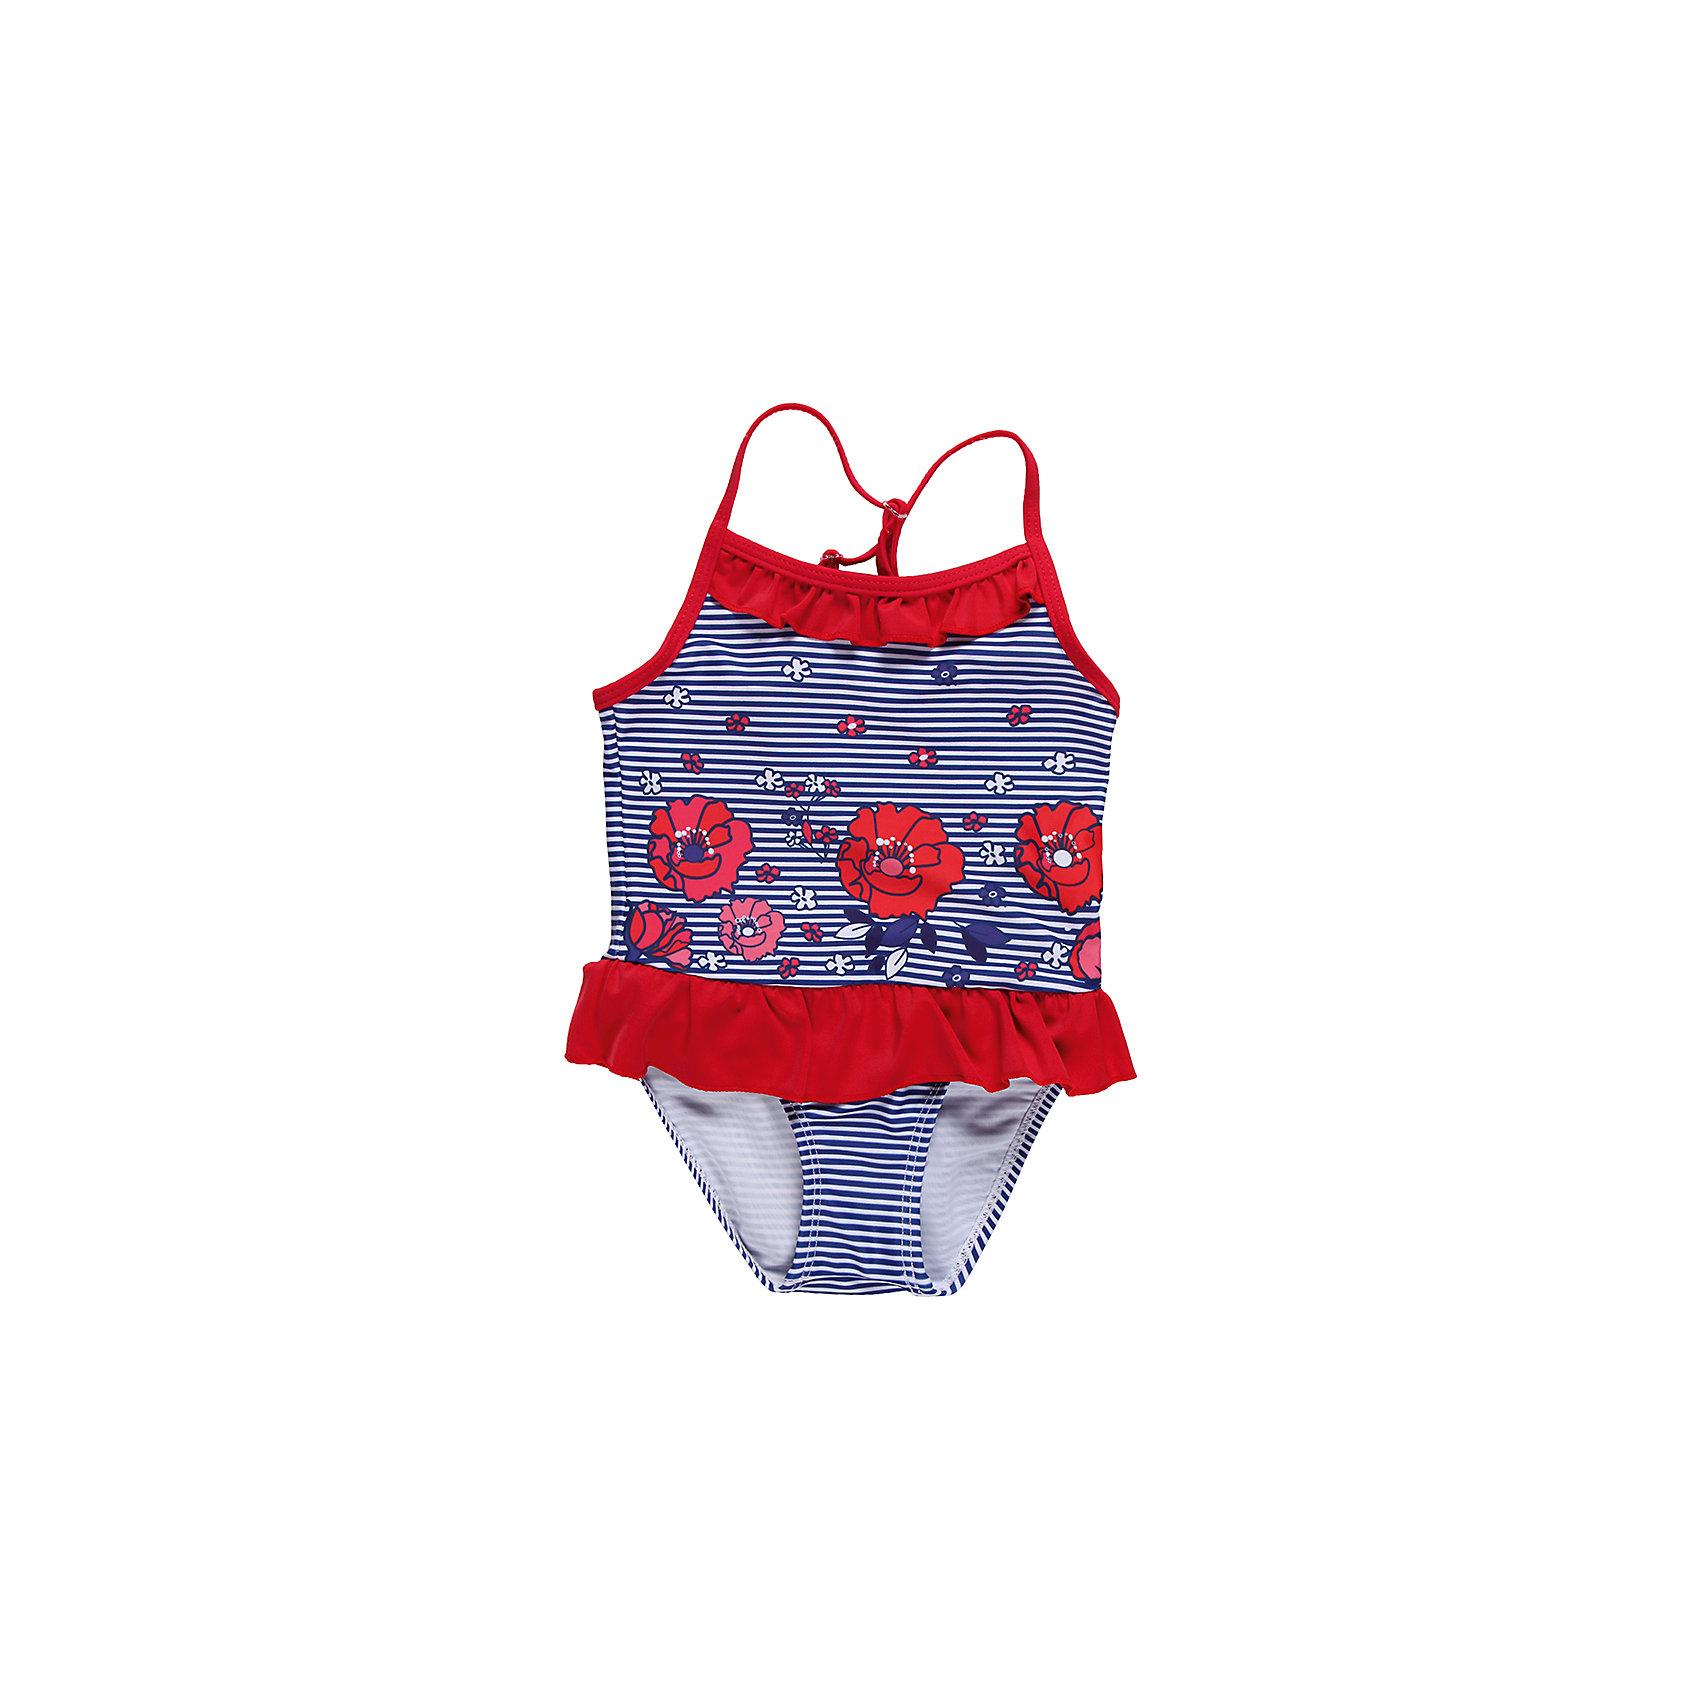 Купальник для девочки Sweet BerryМодный детский купальник, с оригинальным принтом, отделка из ткани контрастного цвета.<br>Состав:<br>85% нейлон    15% эластан<br><br>Ширина мм: 183<br>Глубина мм: 60<br>Высота мм: 135<br>Вес г: 119<br>Цвет: разноцветный<br>Возраст от месяцев: 9<br>Возраст до месяцев: 12<br>Пол: Женский<br>Возраст: Детский<br>Размер: 80,92,86,98<br>SKU: 4520383